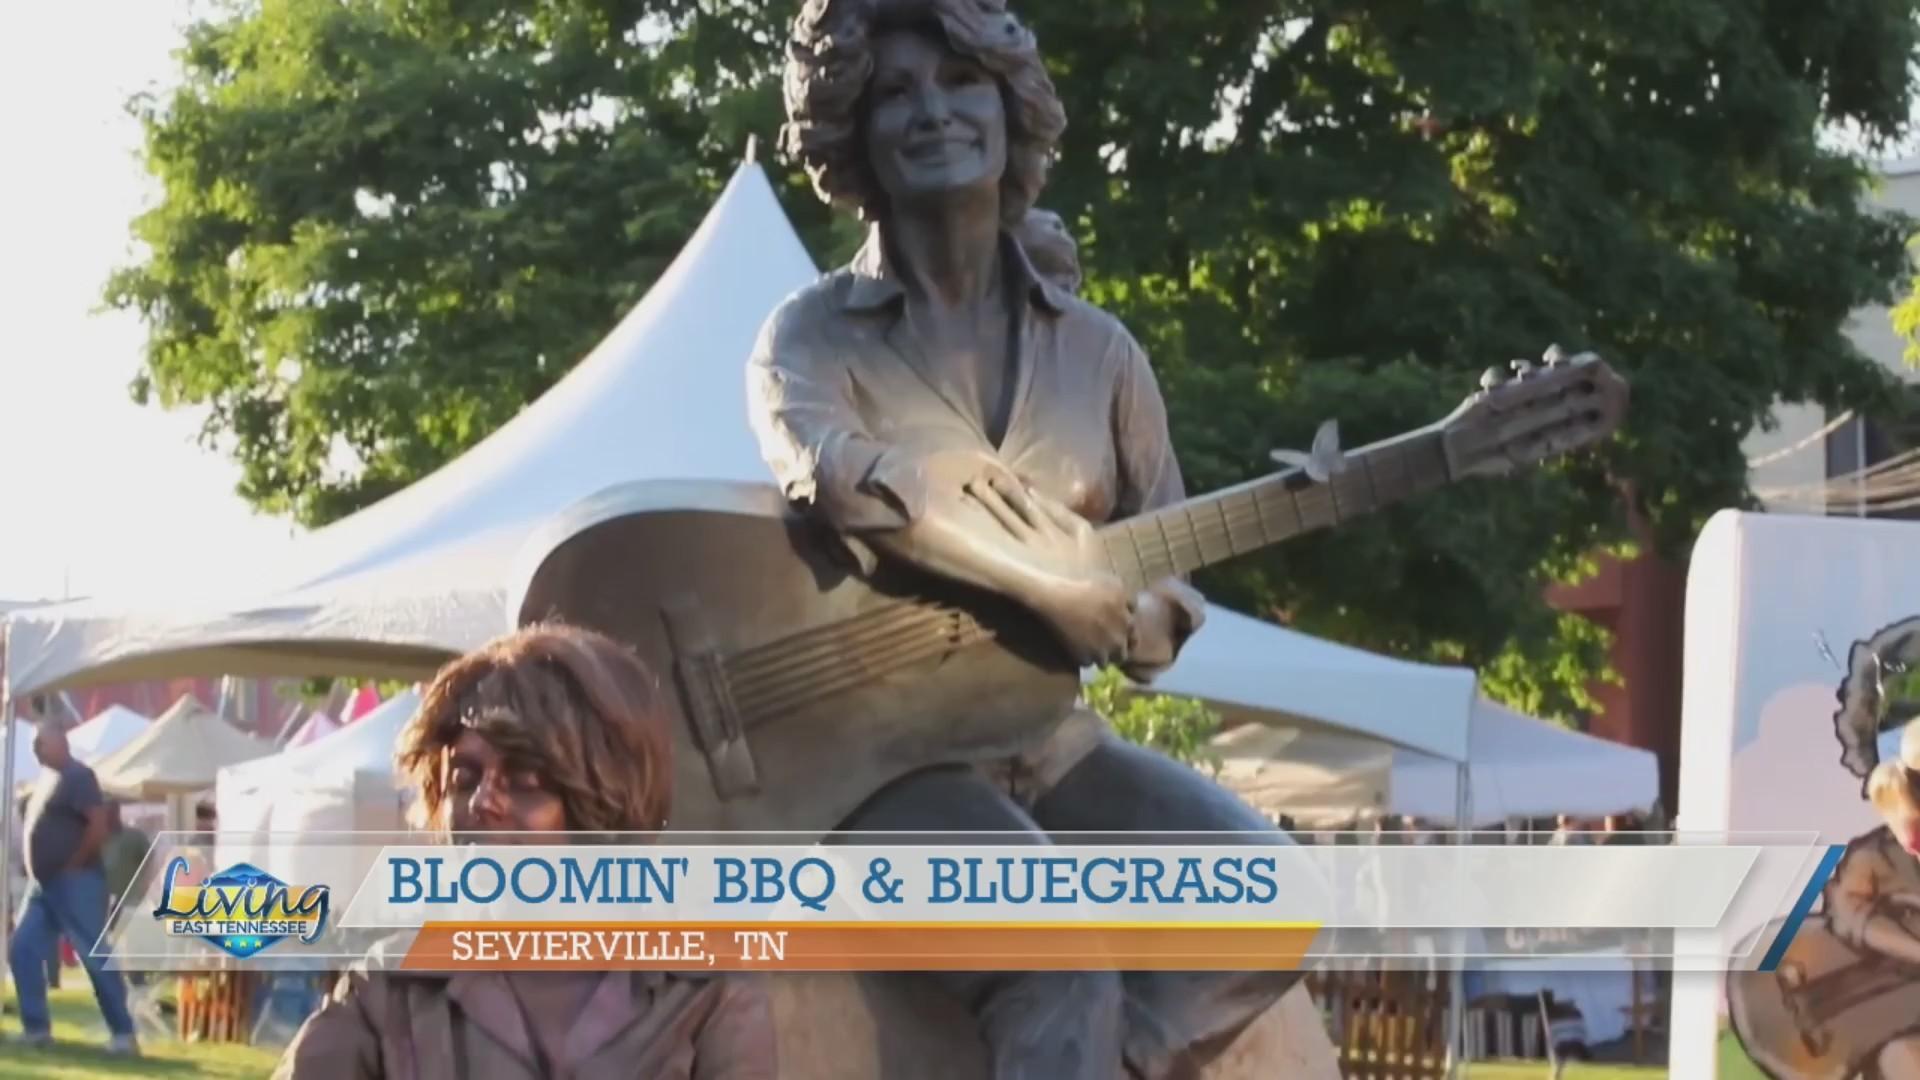 Bloomin' BBQ & Blugrass